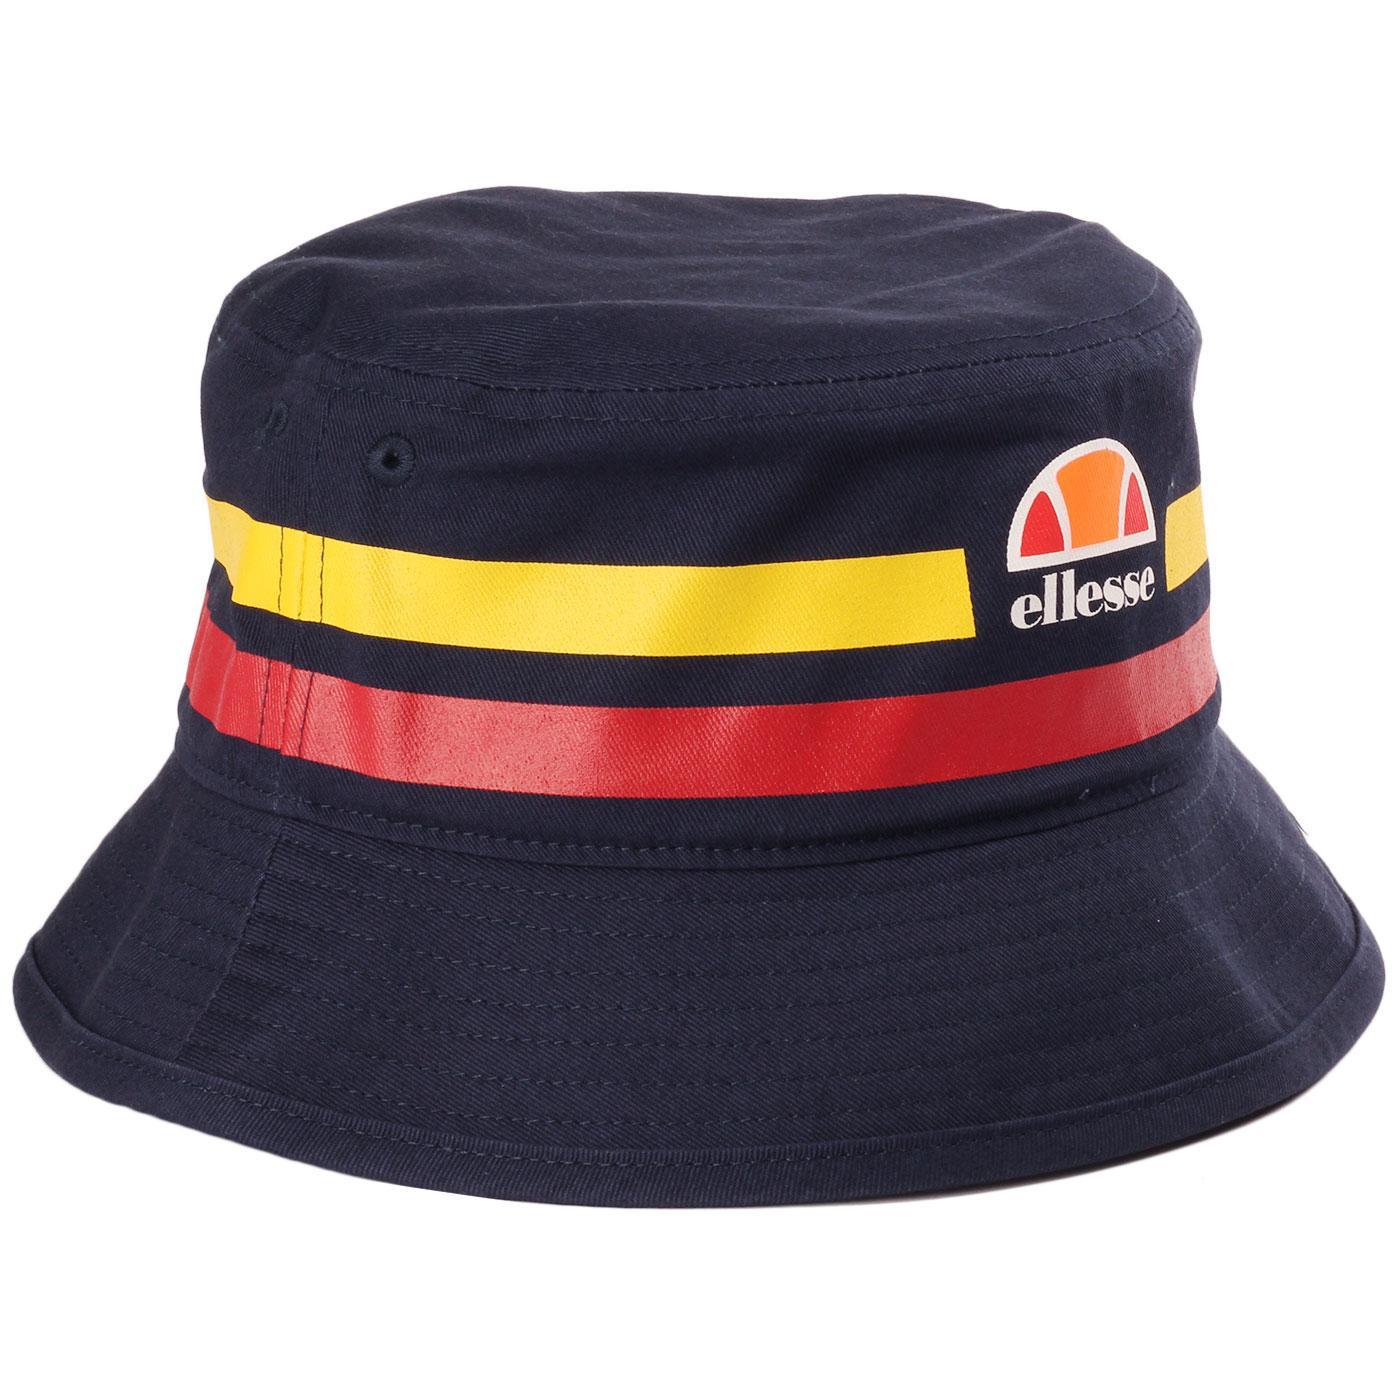 Lanori ELLESSE Retro 1990s Bucket Hat (Spain)